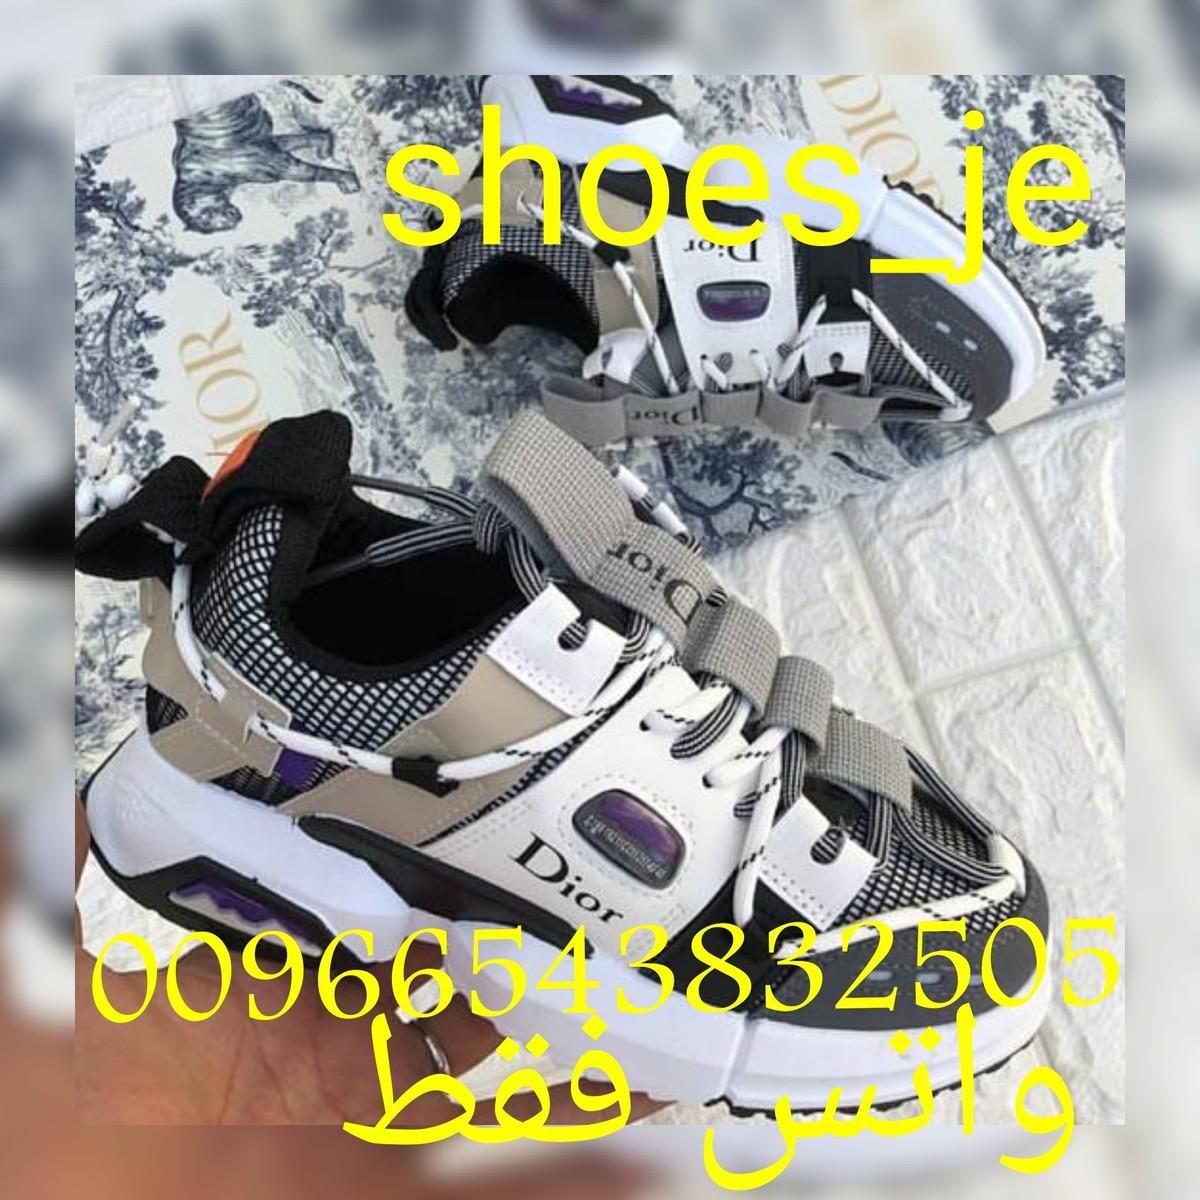 احذية ماركات ١٥٠ وموجود